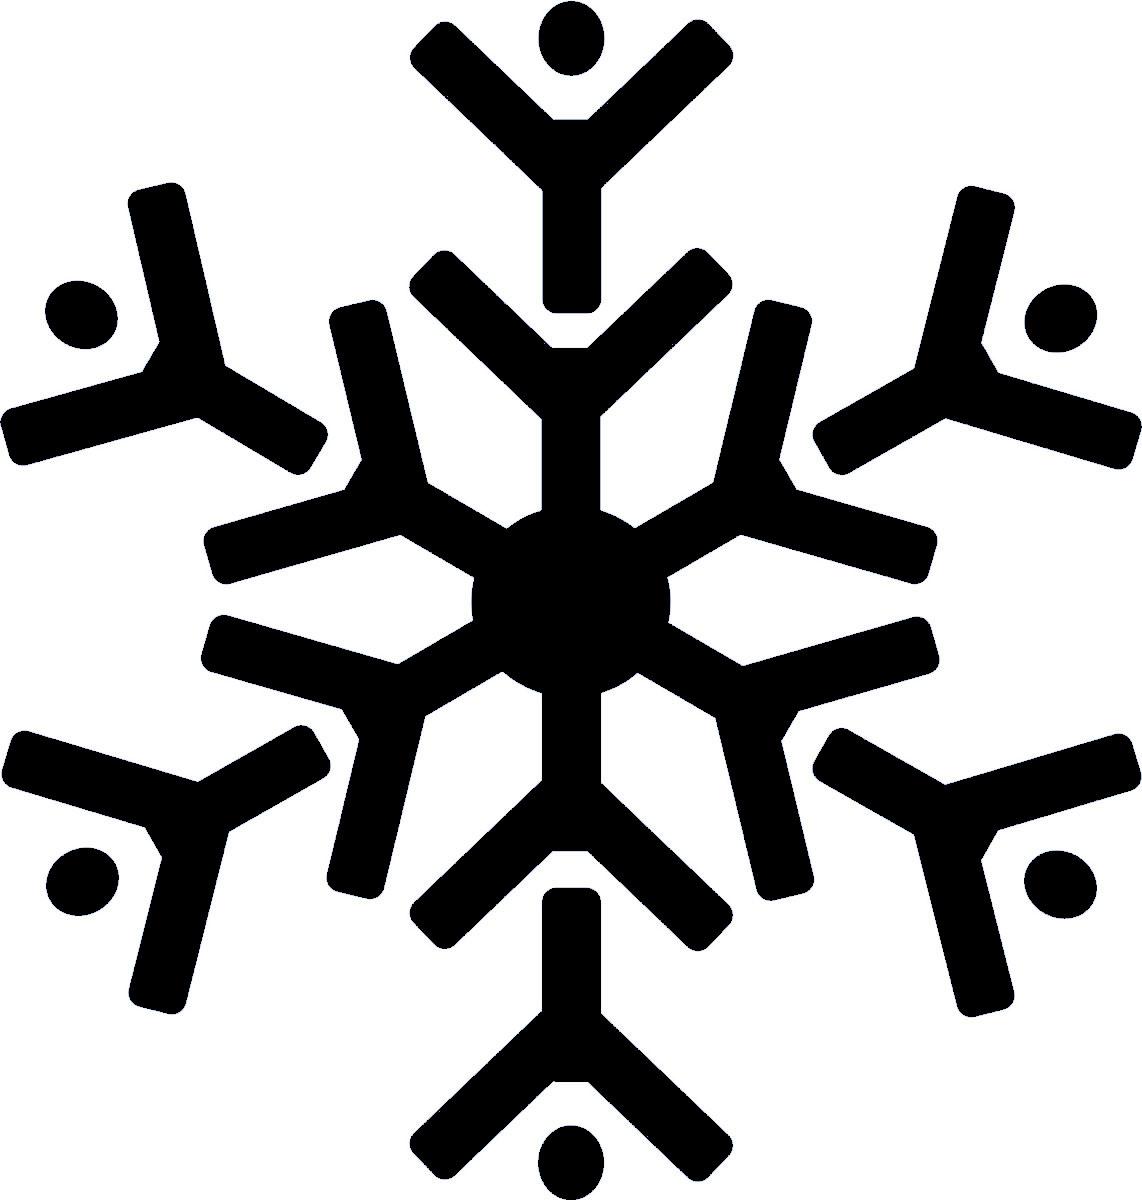 Наклейка автомобильная Оранжевый слоник Снежинка 3, виниловая, цвет: черный150NG00011BОригинальная наклейка Оранжевый слоник Снежинка 3 изготовлена из высококачественной виниловой пленки, которая выполняет не только декоративную функцию, но и защищает кузов автомобиля от небольших механических повреждений, либо скрывает уже существующие.Виниловые наклейки на автомобиль - это не только красиво, но еще и быстро! Всего за несколько минут вы можете полностью преобразить свой автомобиль, сделать его ярким, необычным, особенным и неповторимым!